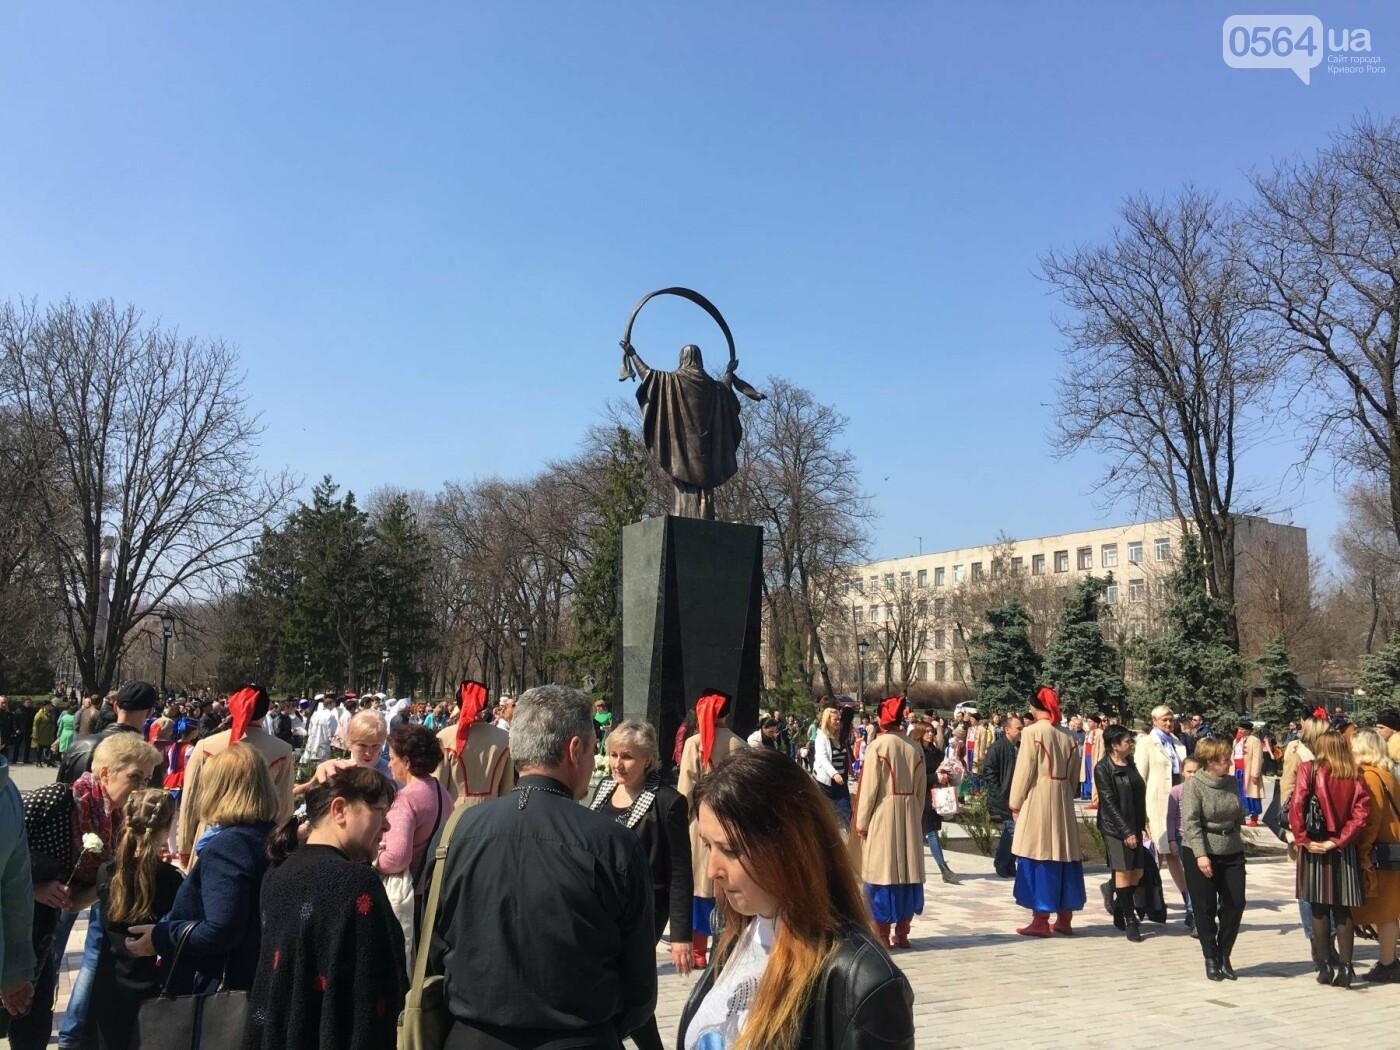 На Благовещение в Кривом Роге открыли памятник покровительнице украинских козаков (ФОТО, ВИДЕО), фото-27